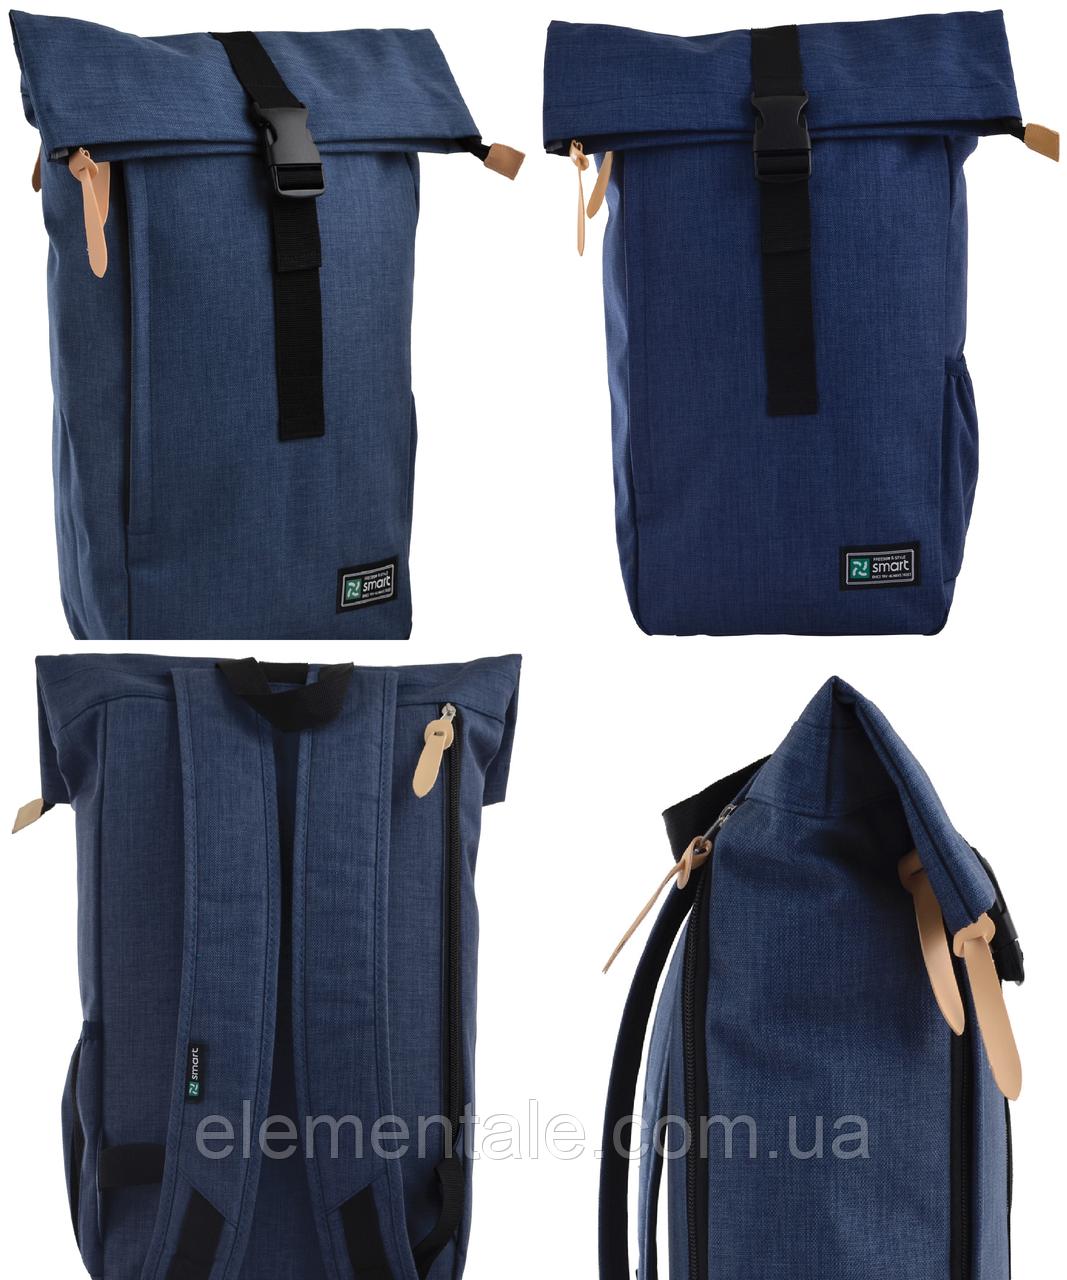 Рюкзак міський Smart Roll-top T-70 14 л Ink Blue